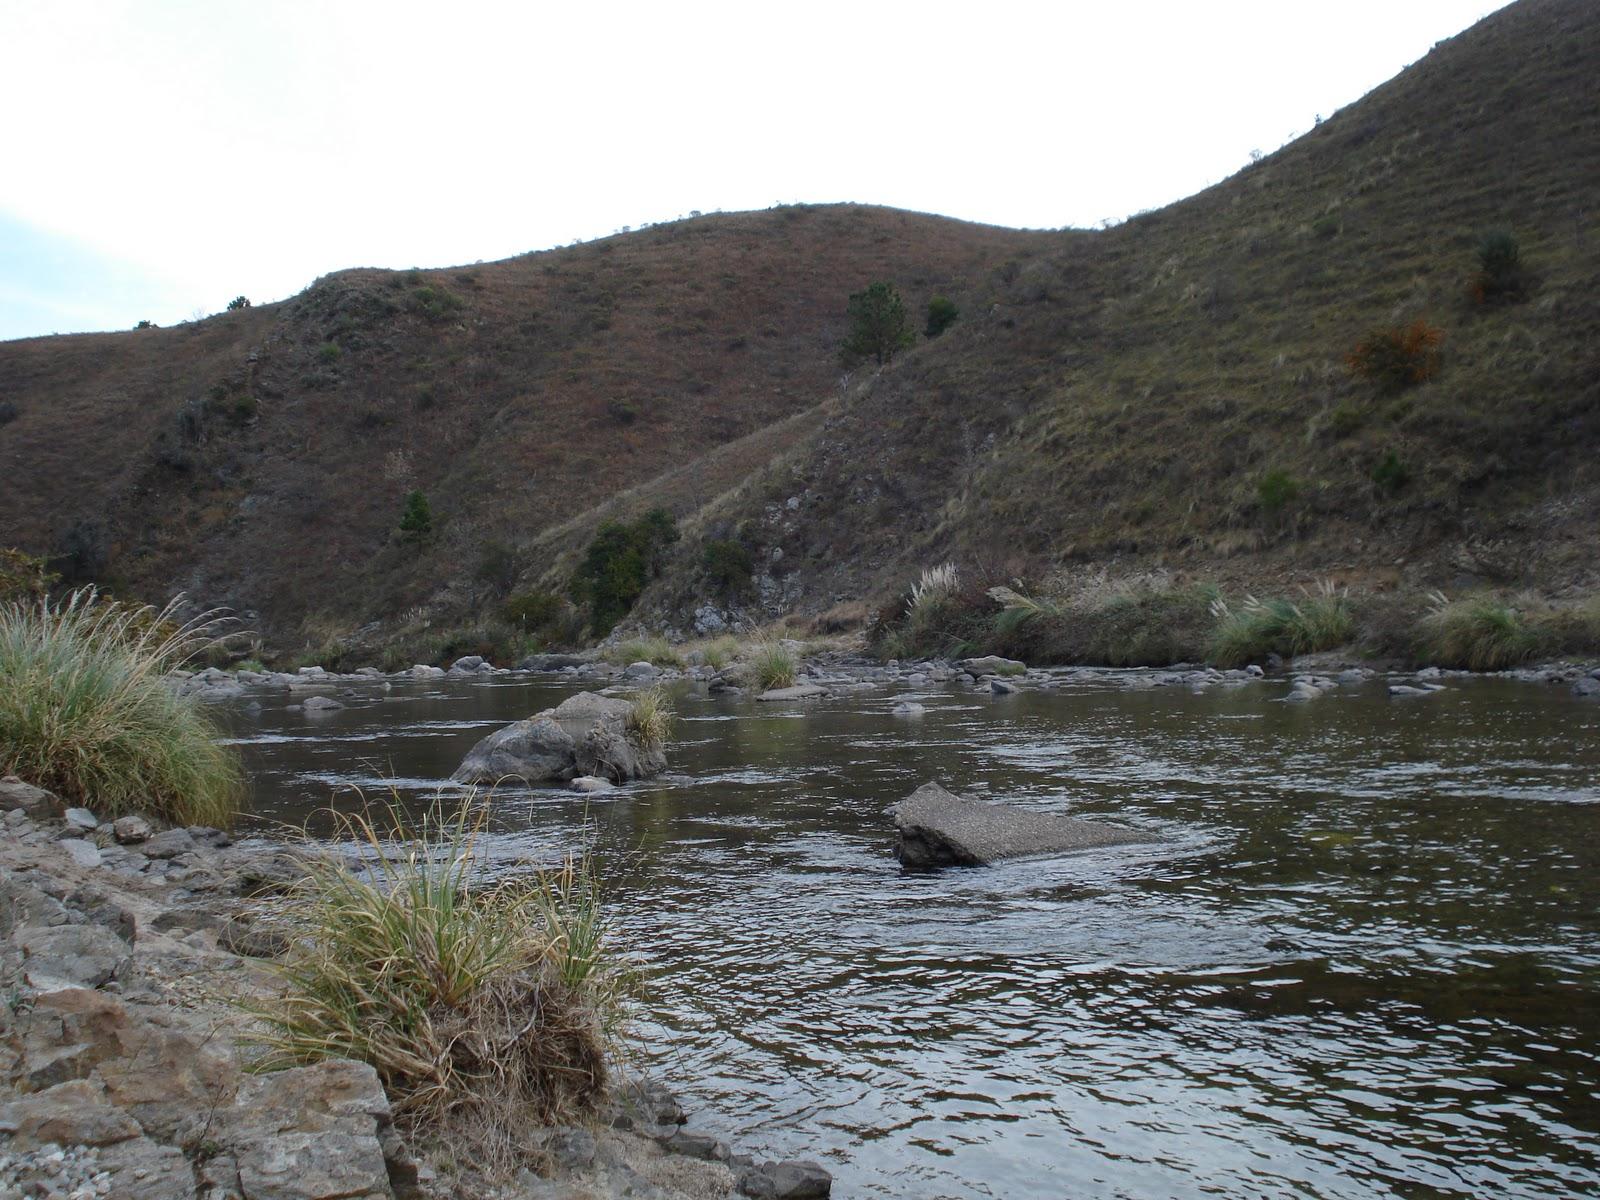 El Durazno, paraje de montaña en las sierras cordobesas